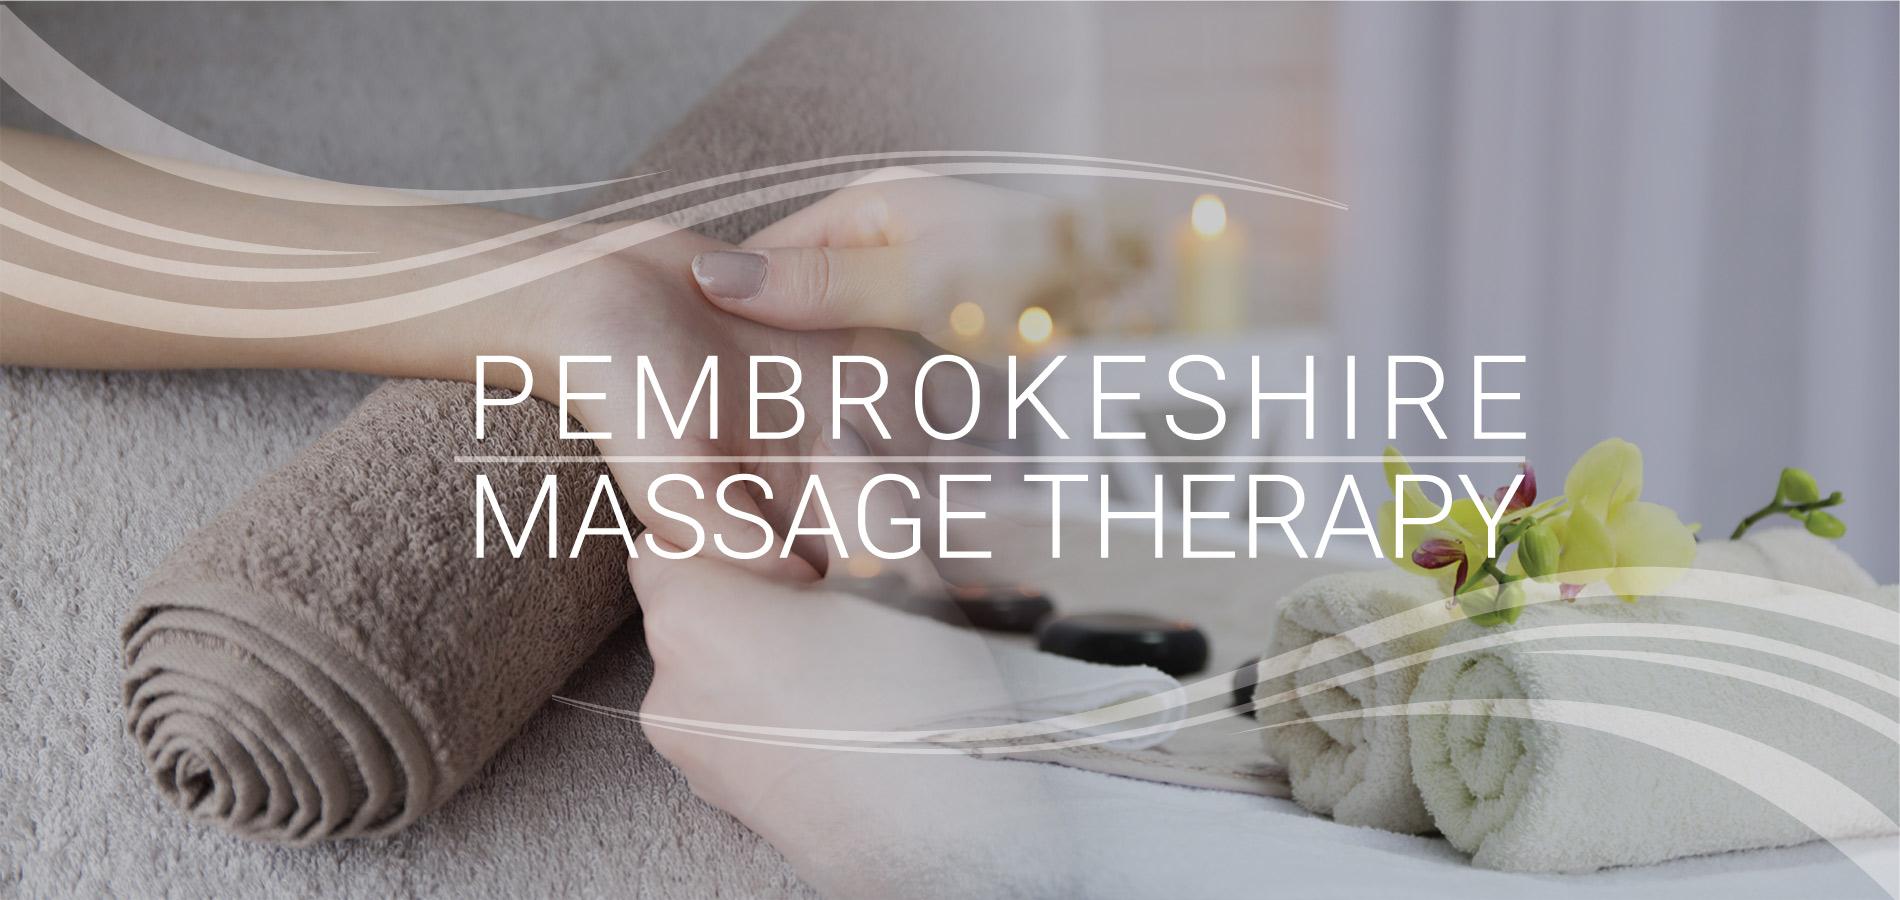 the-service-you-deserve-JW-Massage-pembrokeshire